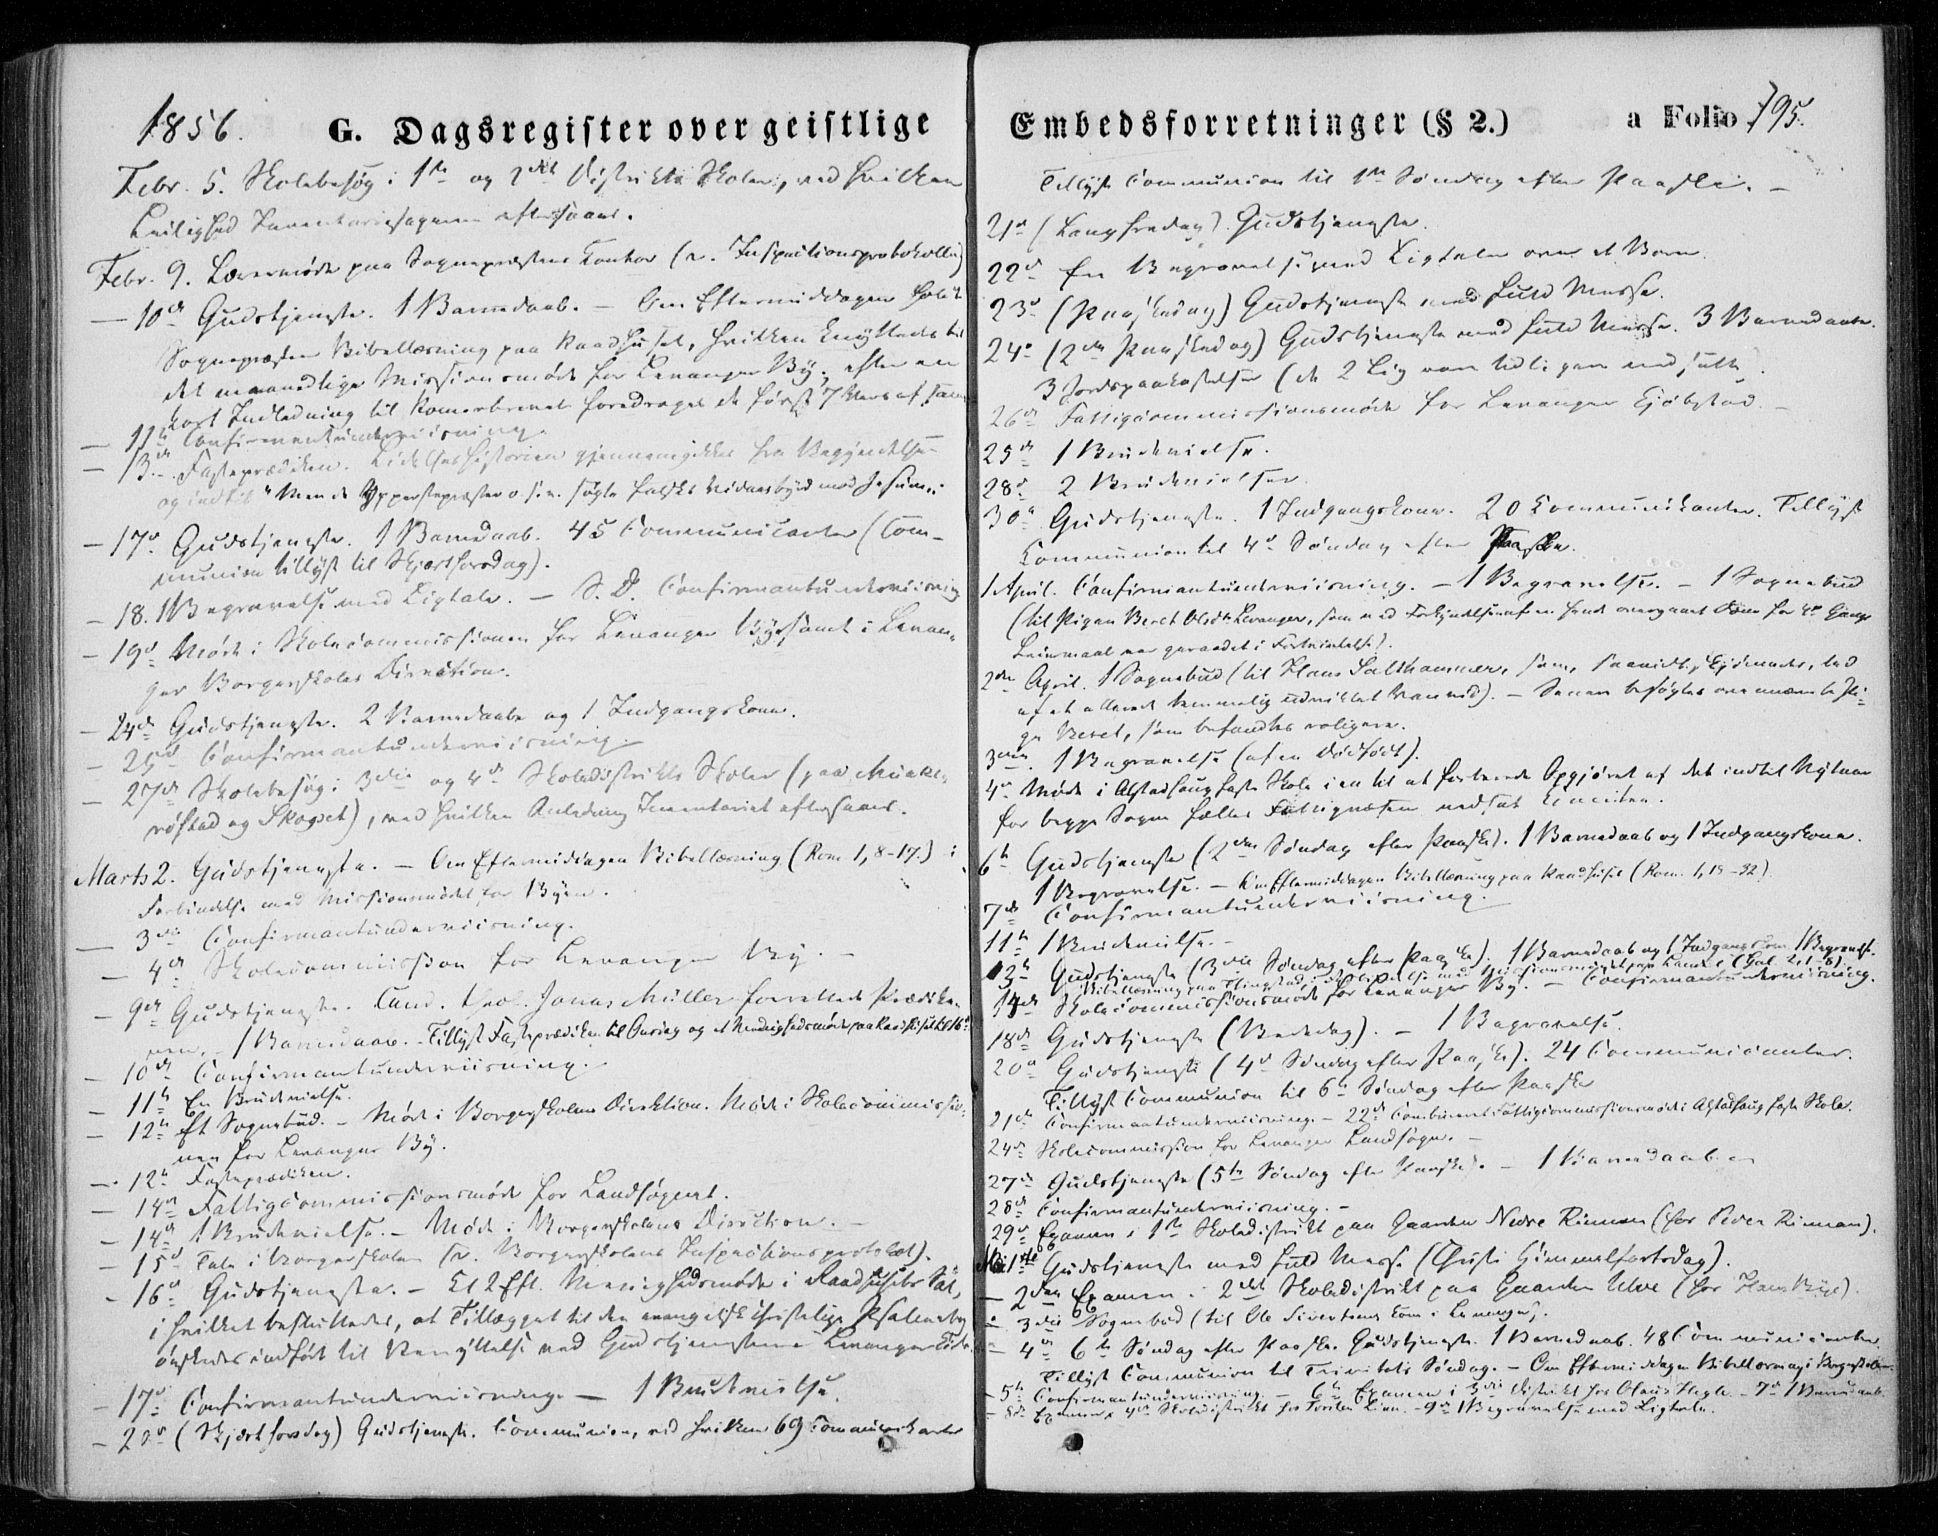 SAT, Ministerialprotokoller, klokkerbøker og fødselsregistre - Nord-Trøndelag, 720/L0184: Ministerialbok nr. 720A02 /1, 1855-1863, s. 195